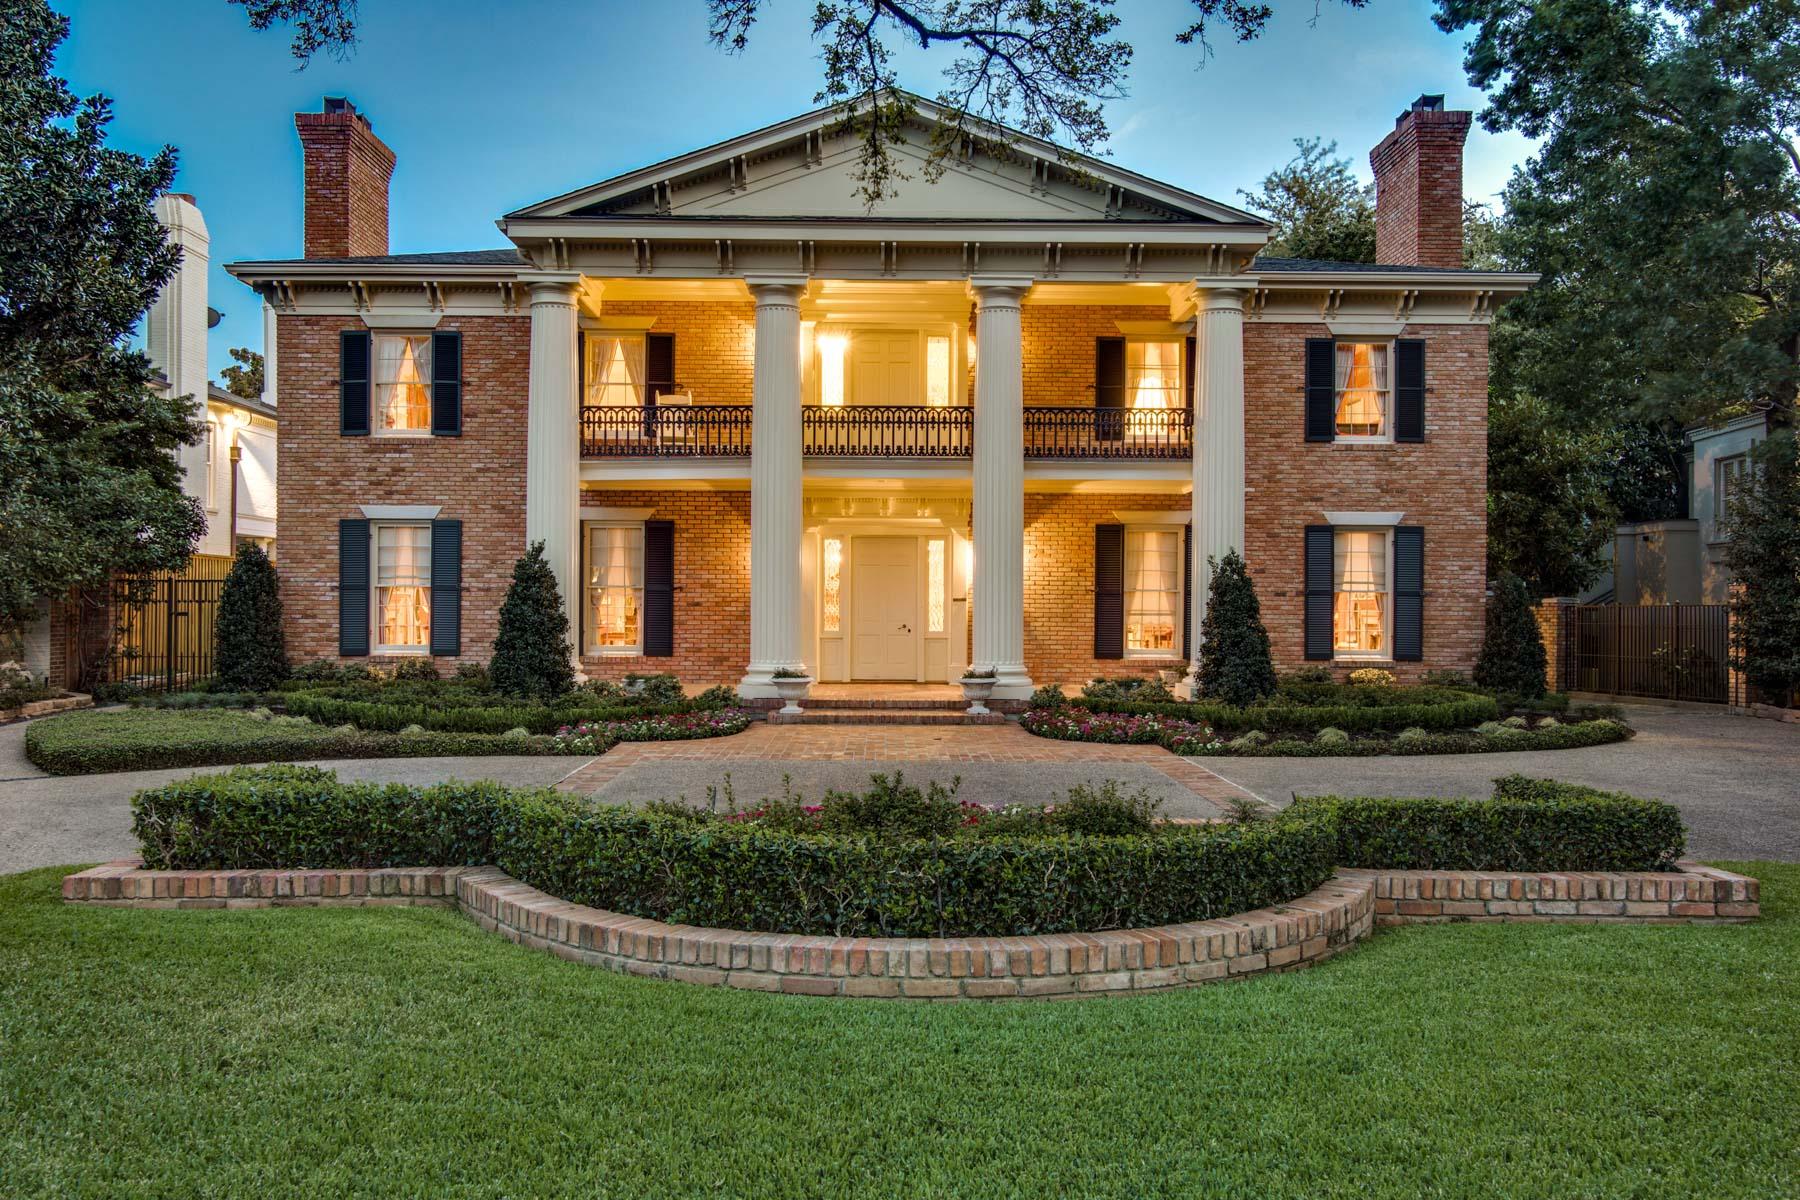 Einfamilienhaus für Verkauf beim Old Highland Park, Greek Revival Masterpiece 4005 Gillon Ave Highland Park, Texas, 75205 Vereinigte Staaten